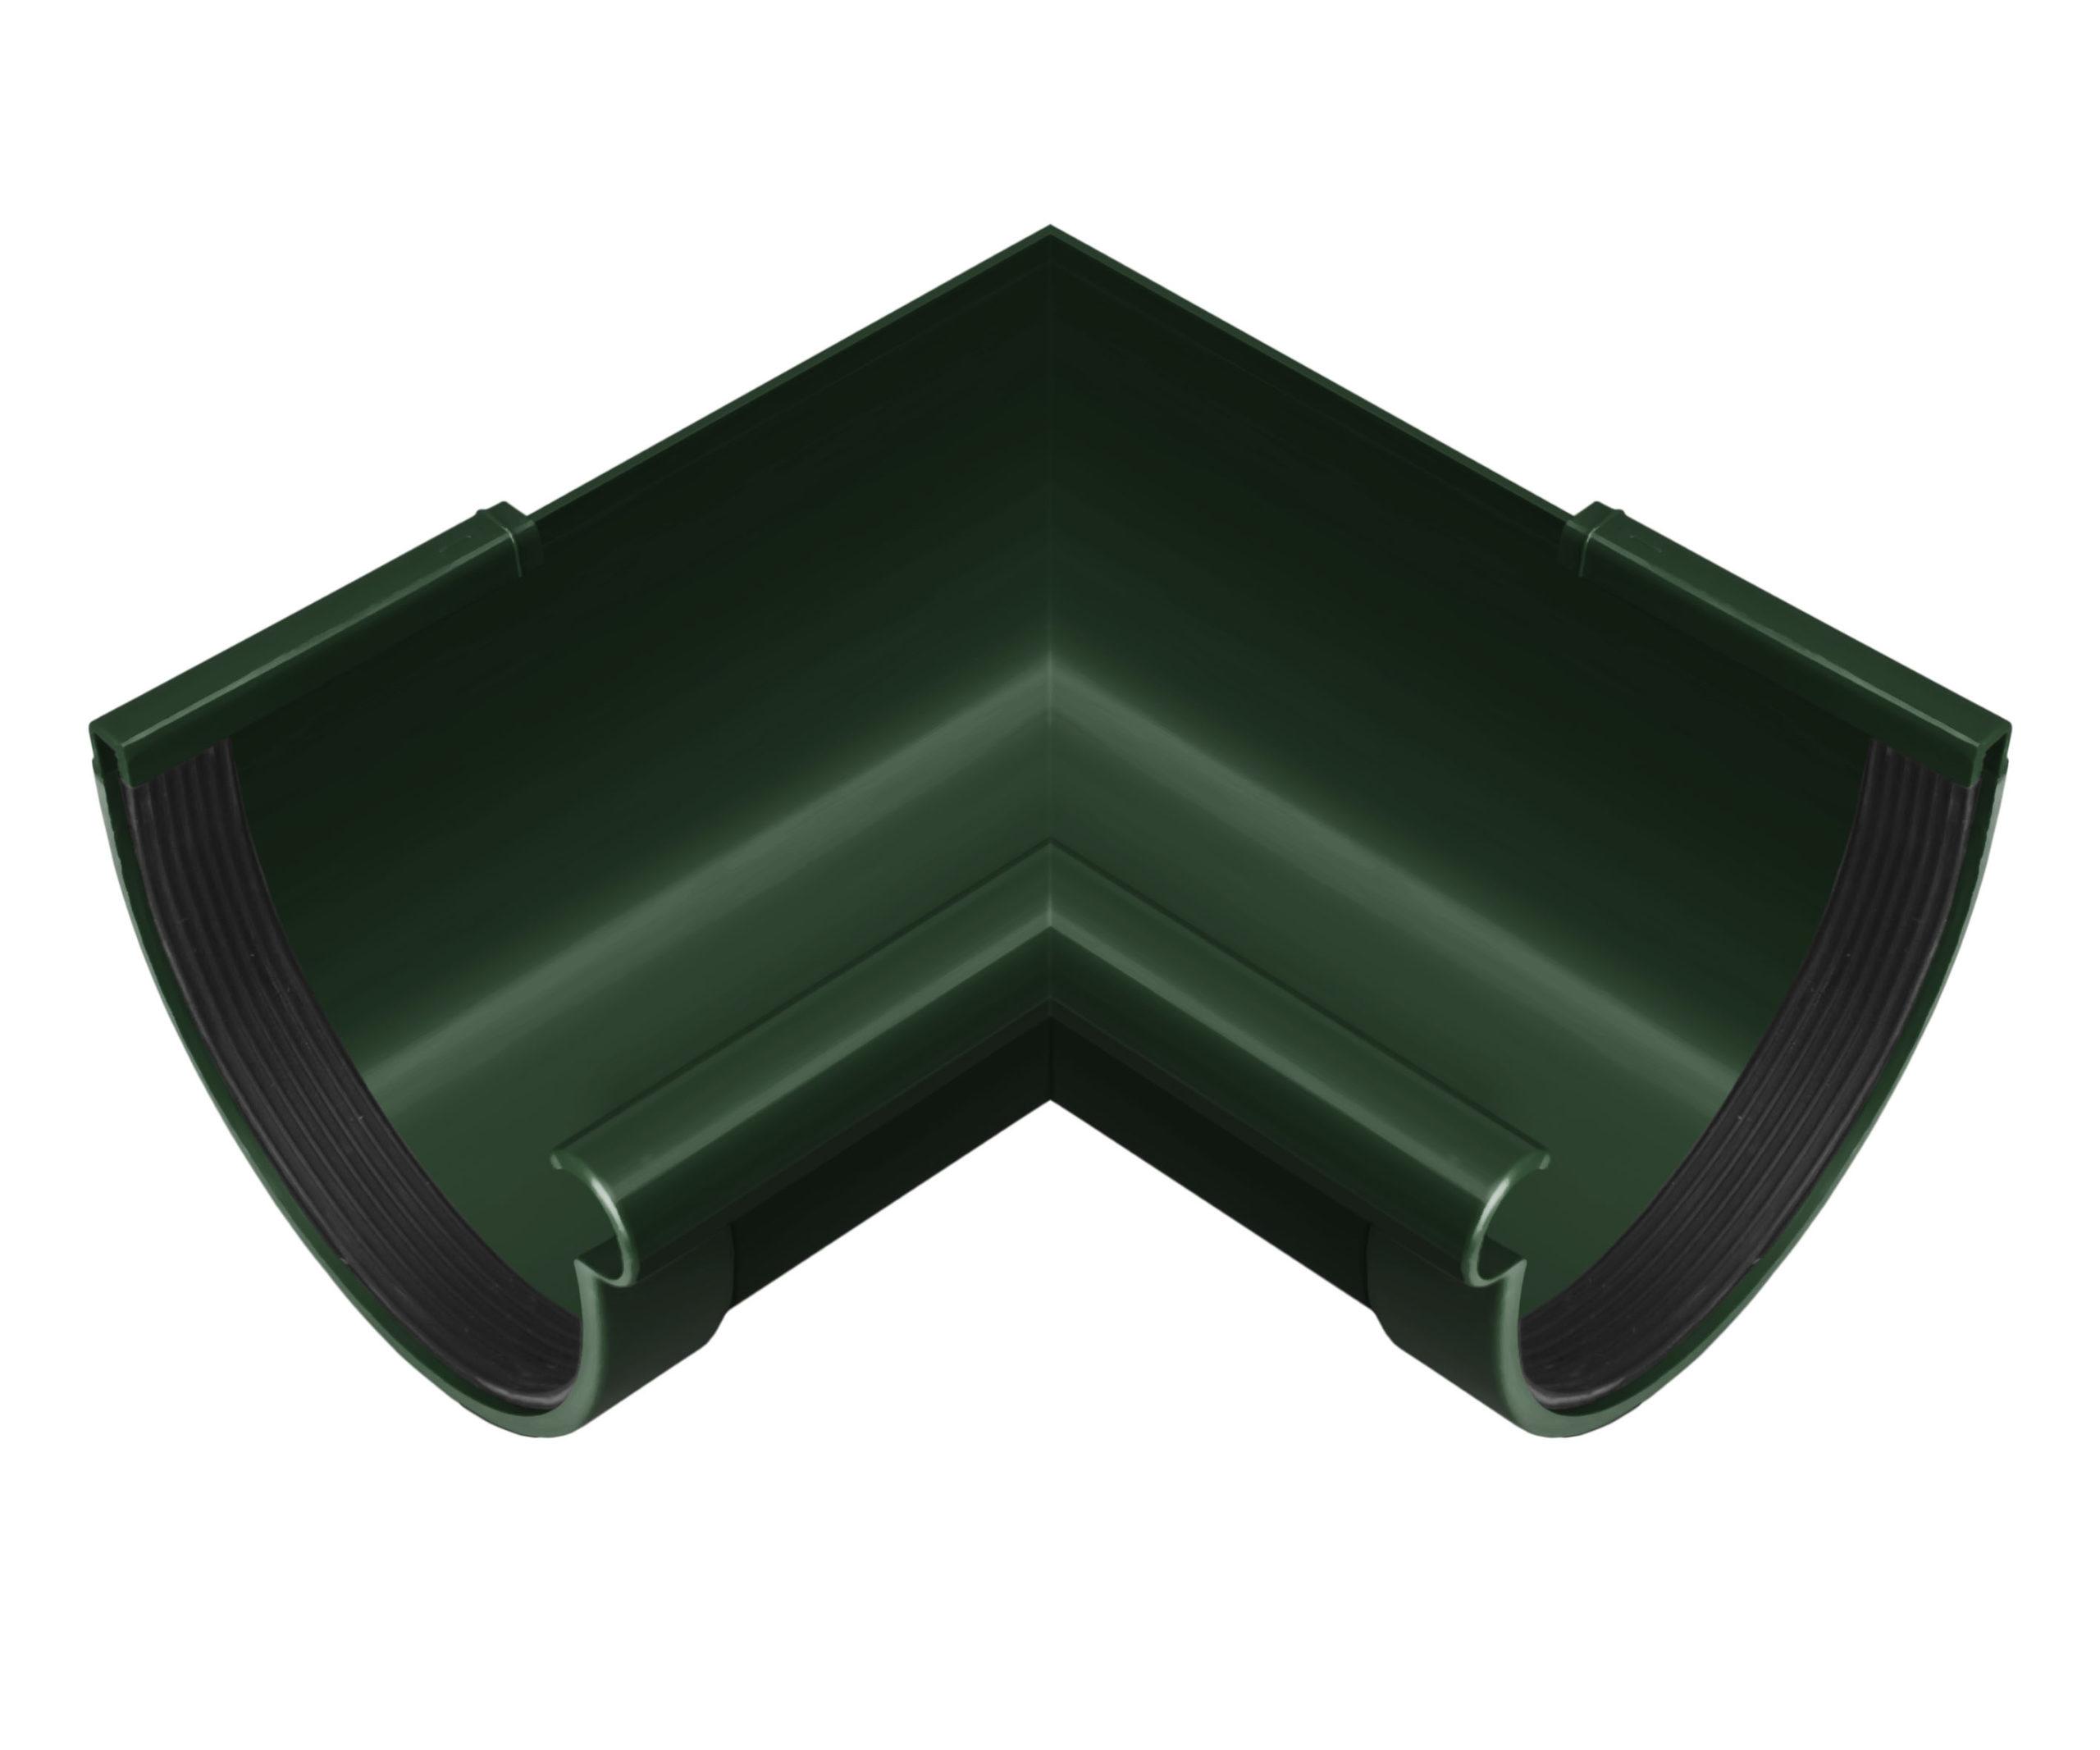 Кут ринви внутрішній 90°, зелений 130мм/Ø RainWay